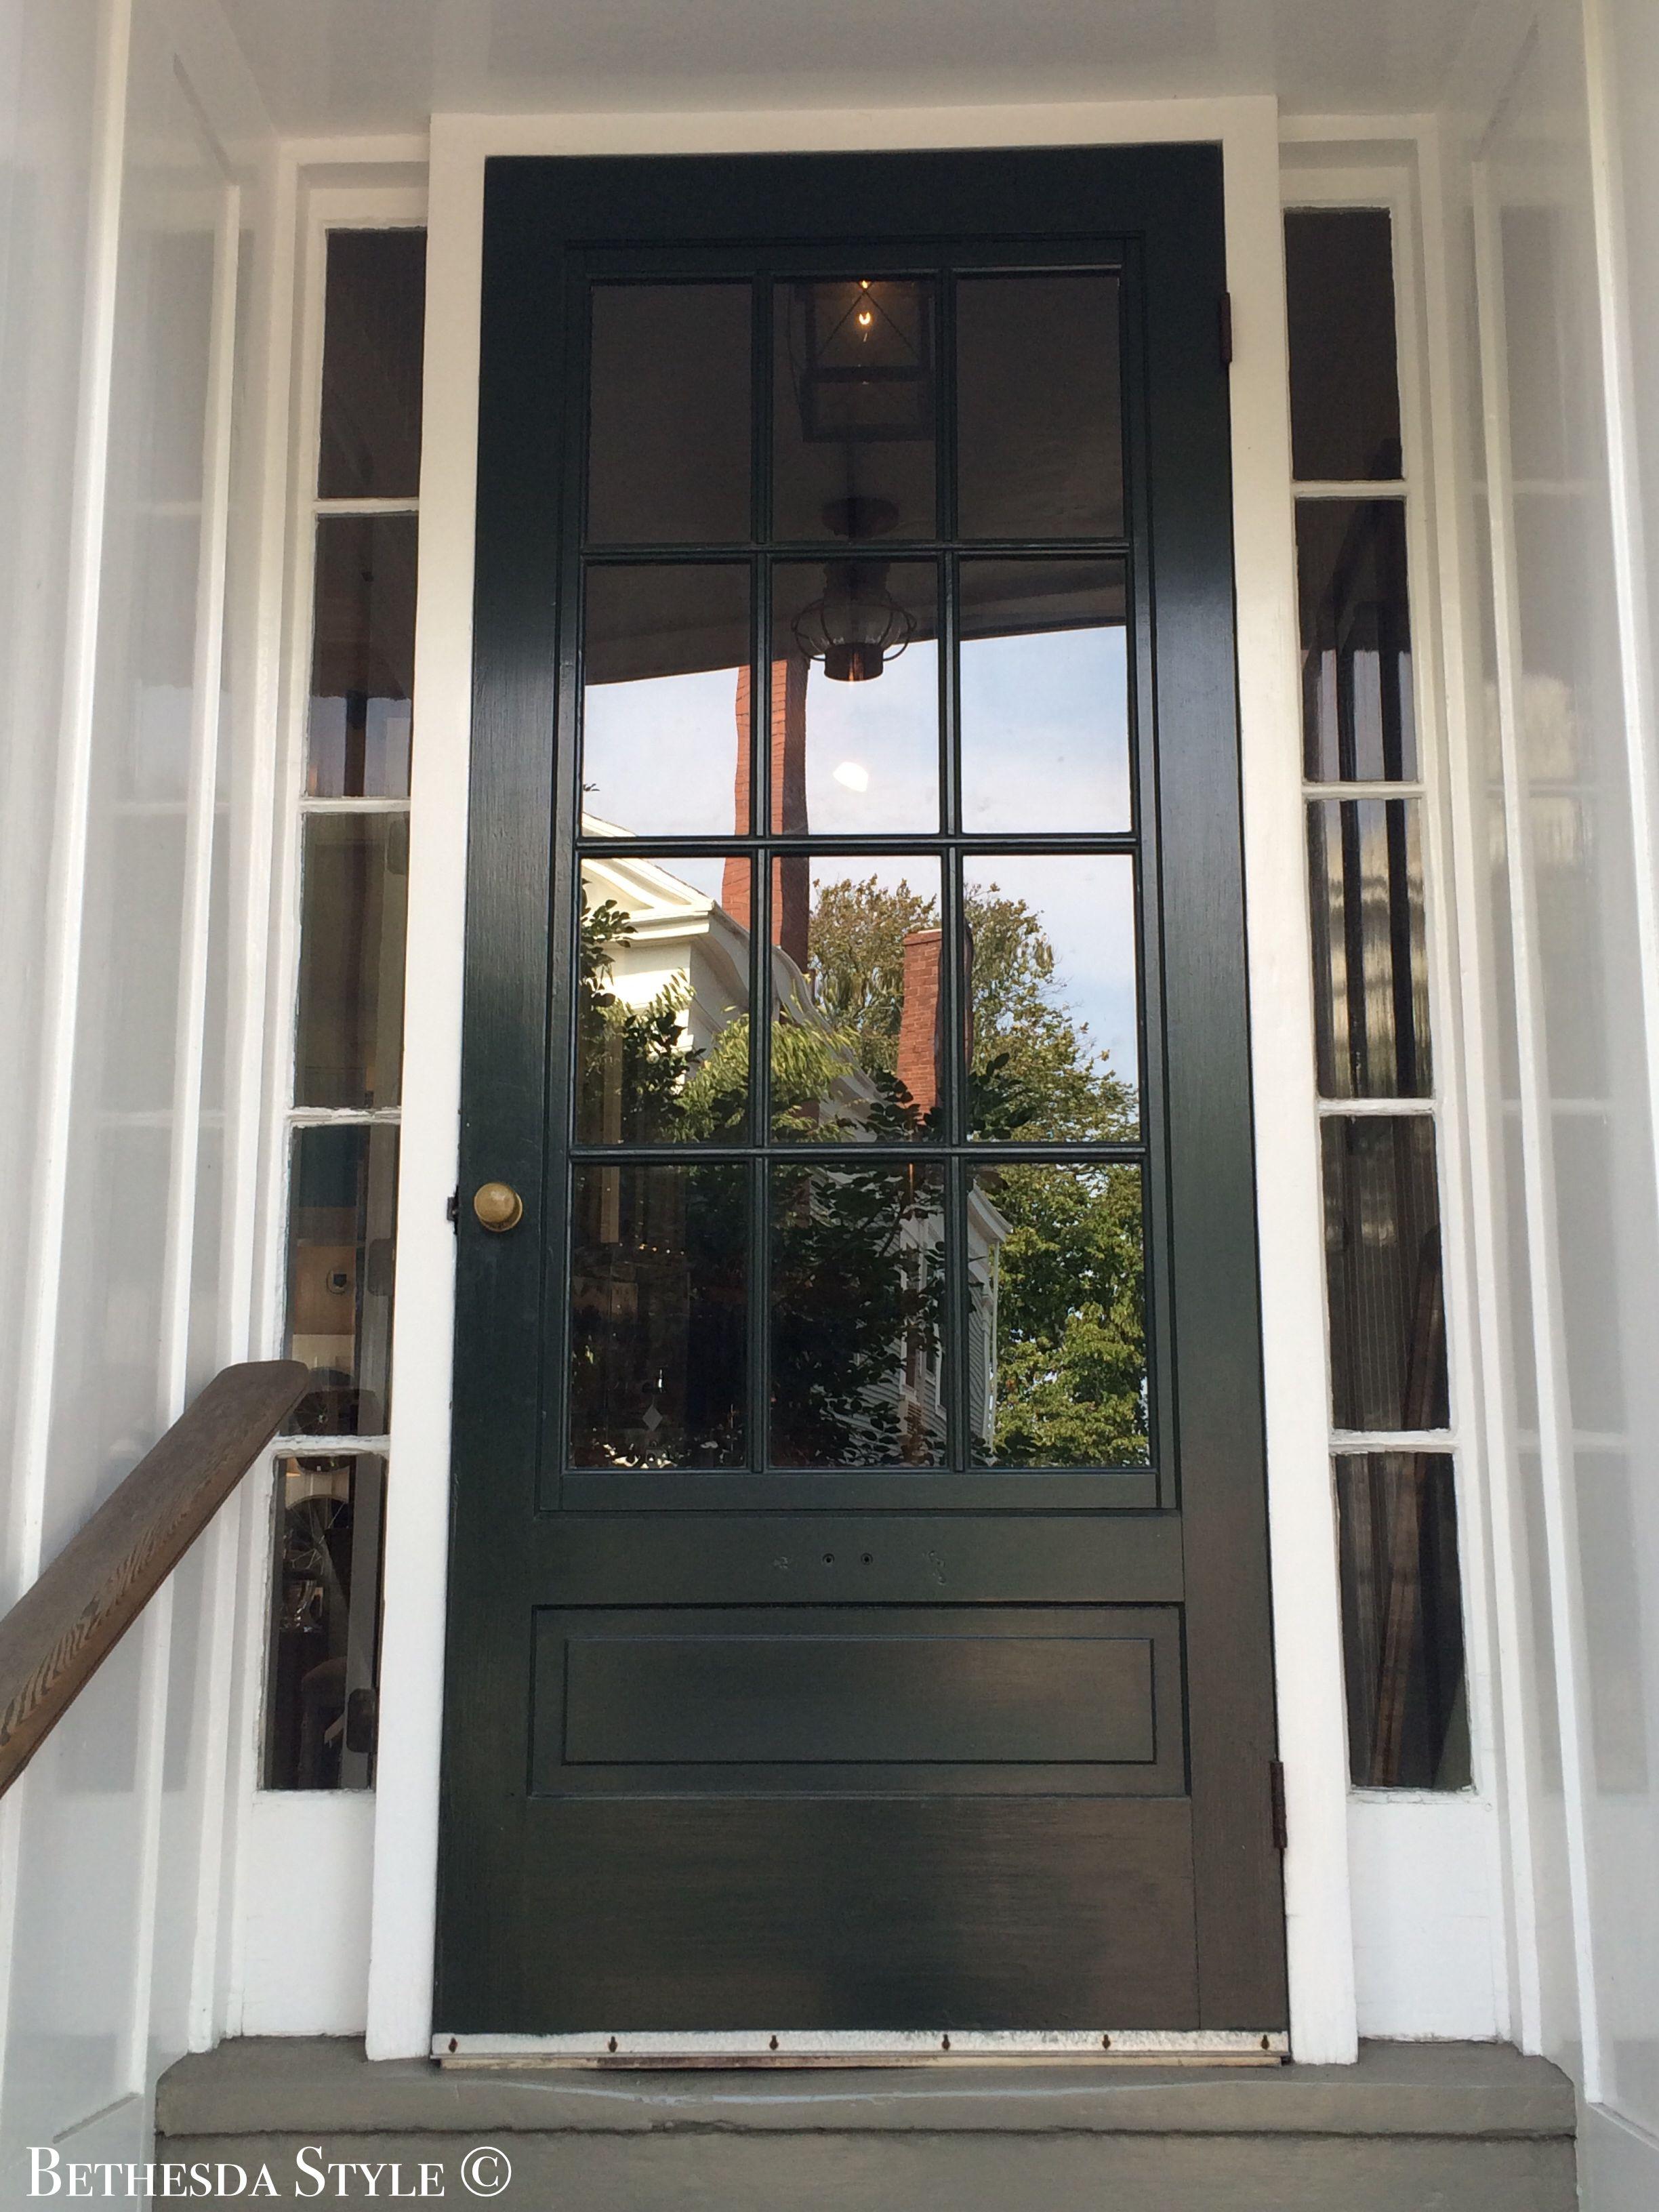 Bethesdastyle glass front door sidelights nantucket